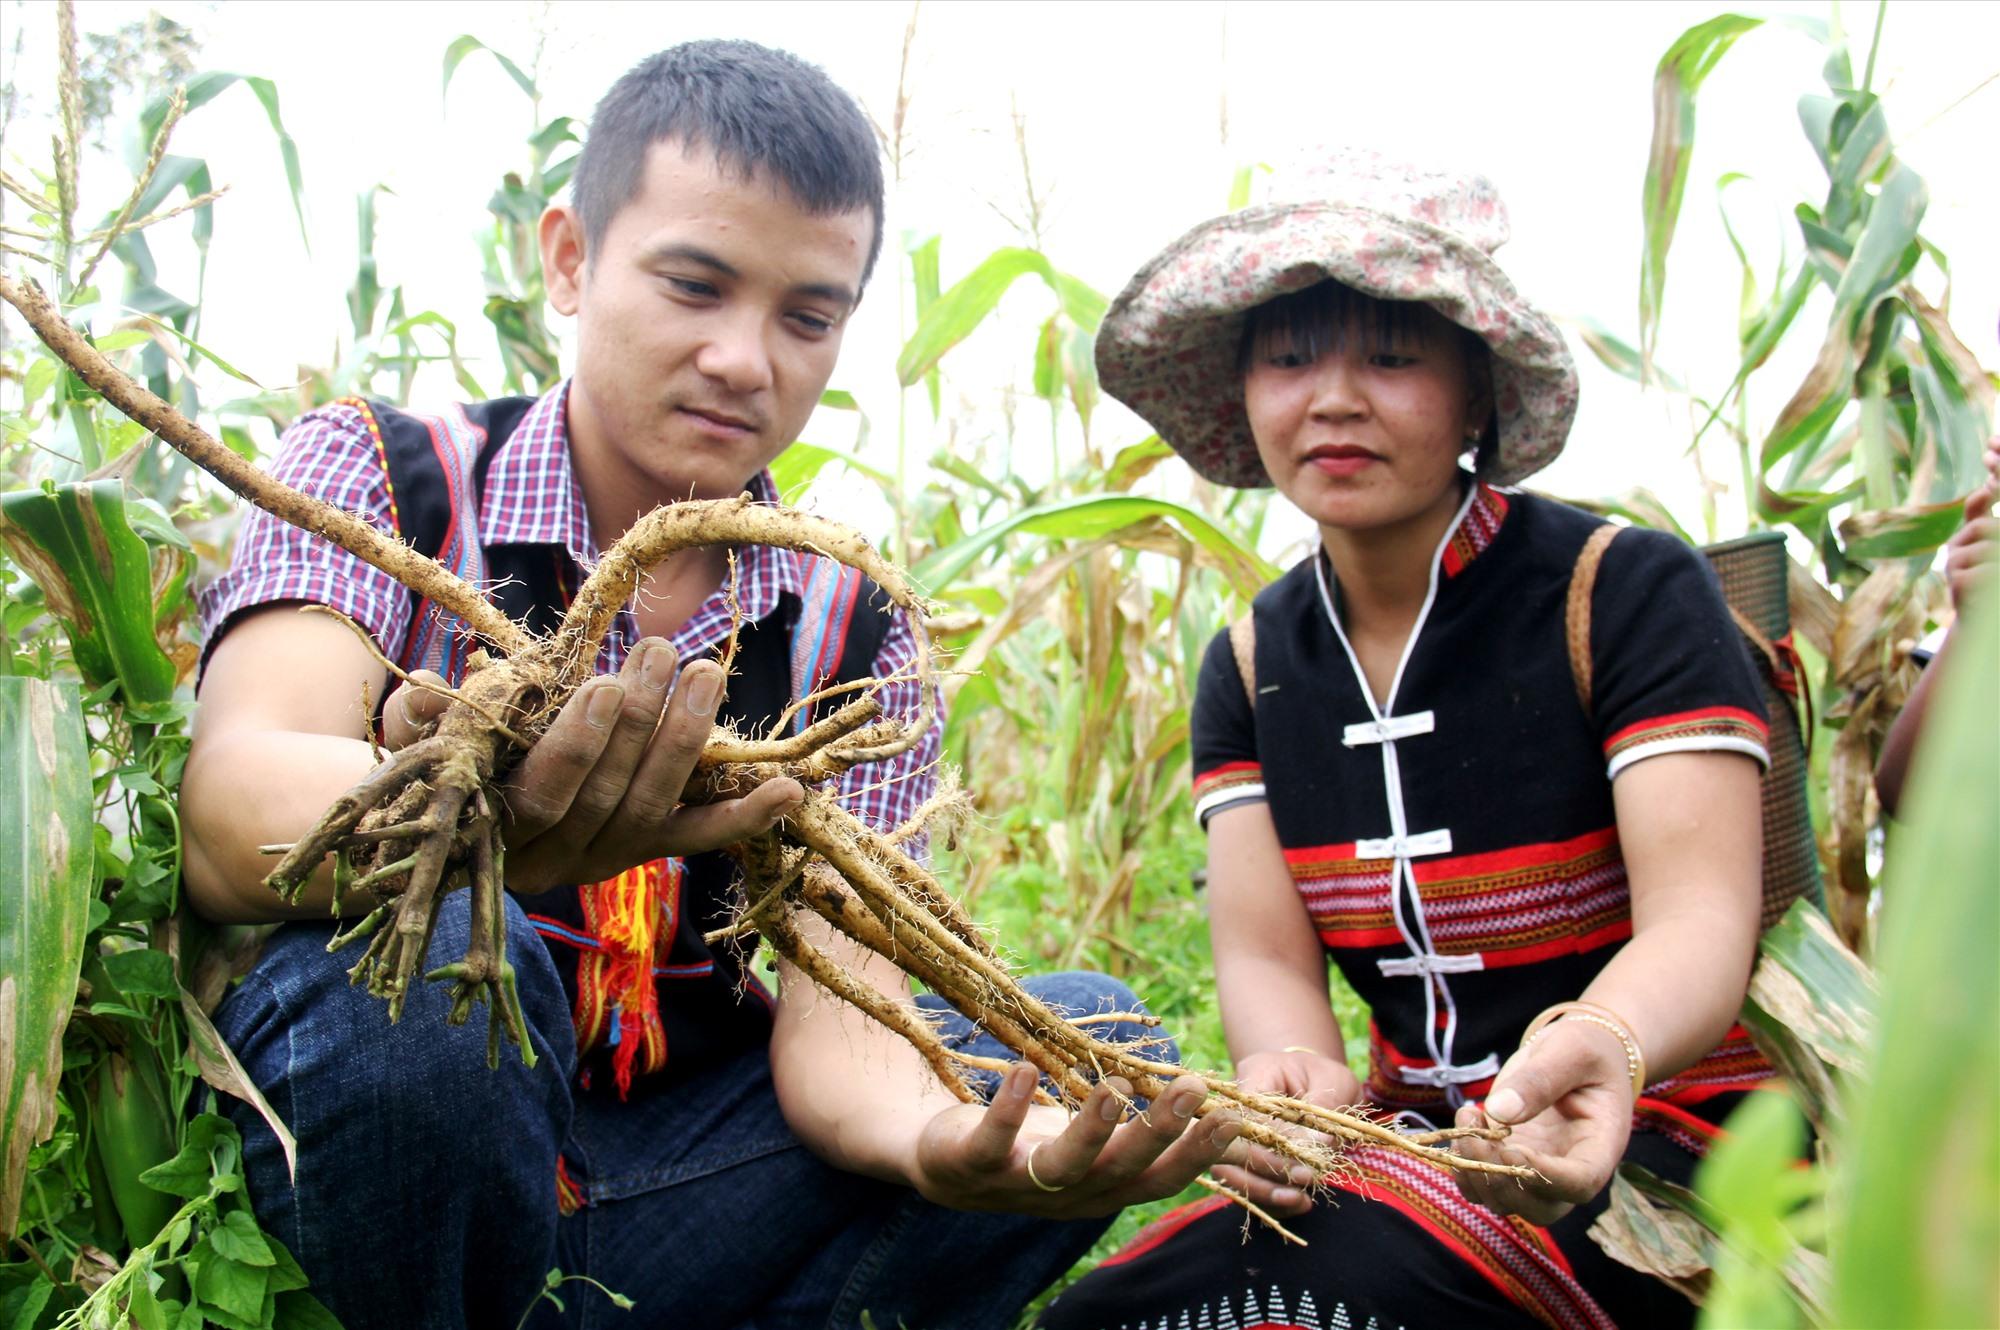 Người dân miền núi khai thác dược liệu nông sản dưới tán rừng sau thời gian đầu tư mở hướng phát triển kinh tế mới. Ảnh: A.N